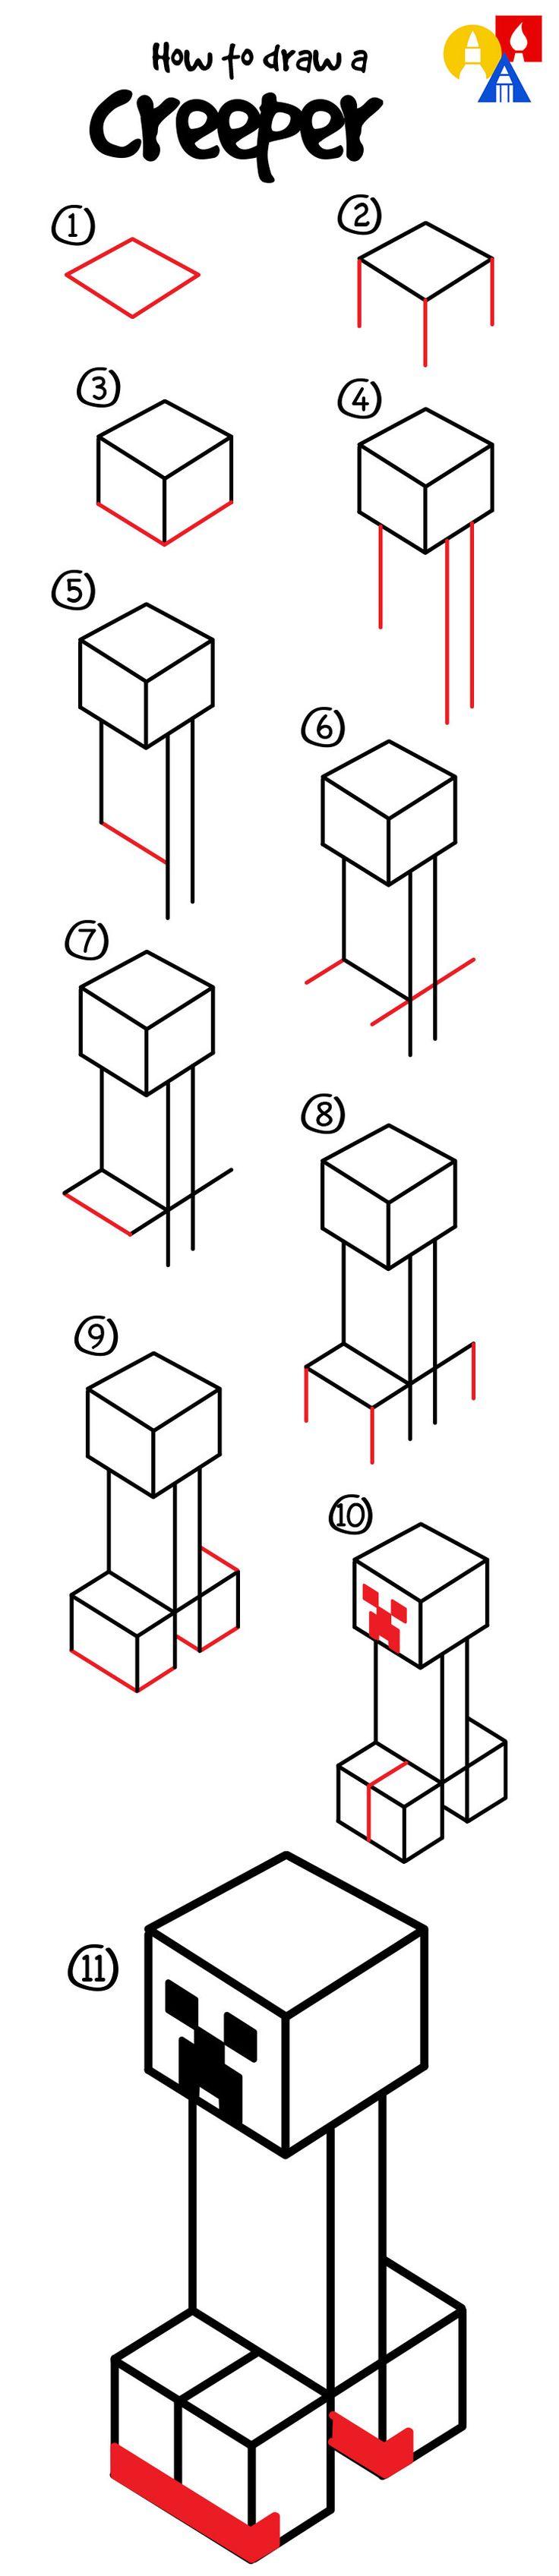 como desenhar um creeper :3                                                                                                                                                                                 Mais